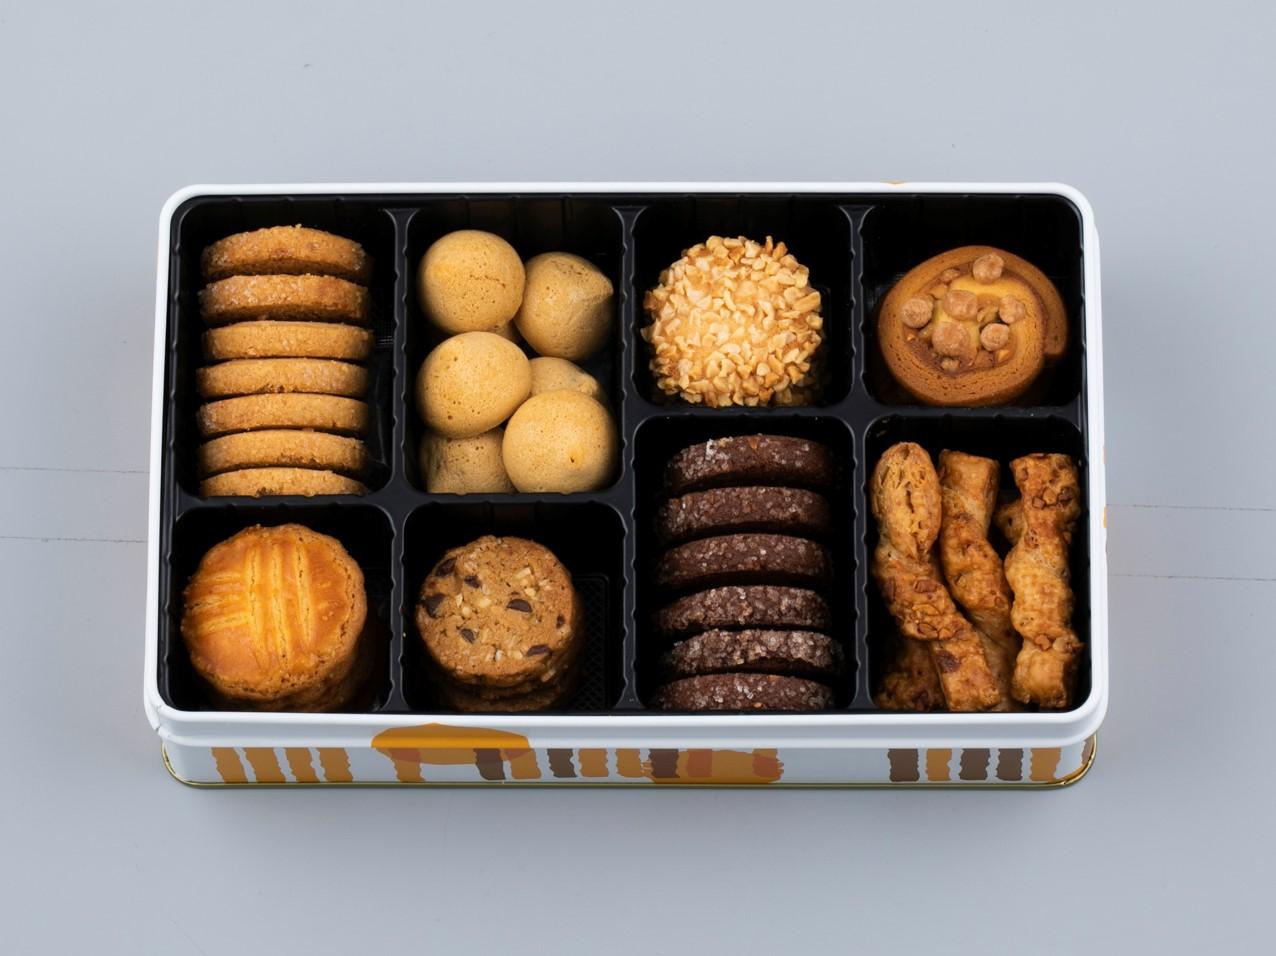 クッキー詰合せ缶_画像